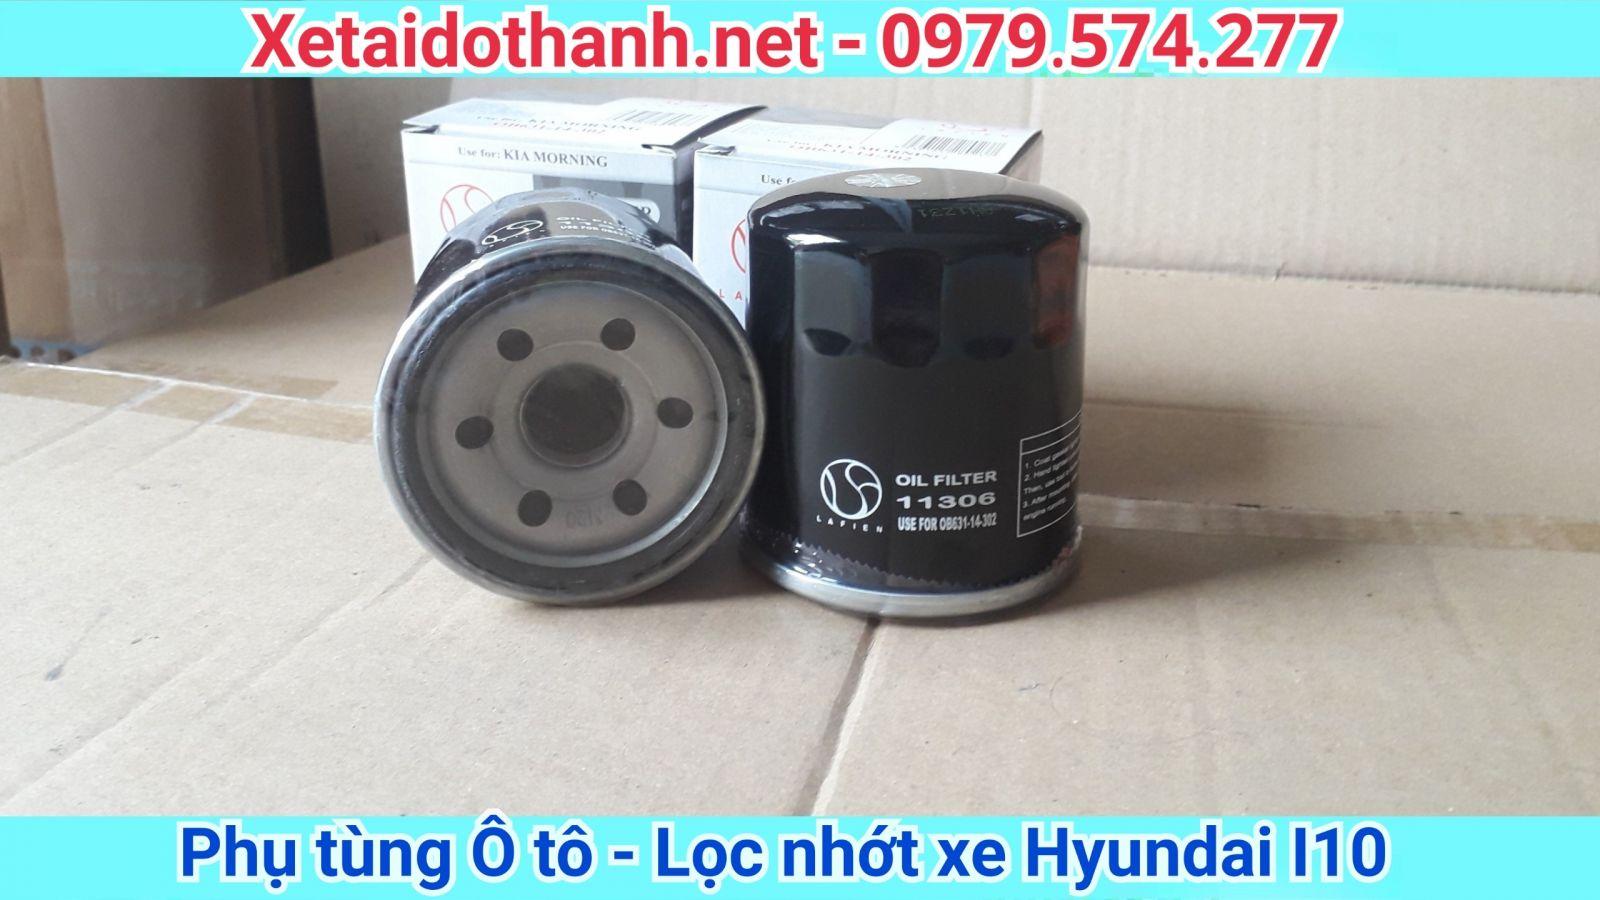 Lọc nhớt xe Hyundai I10